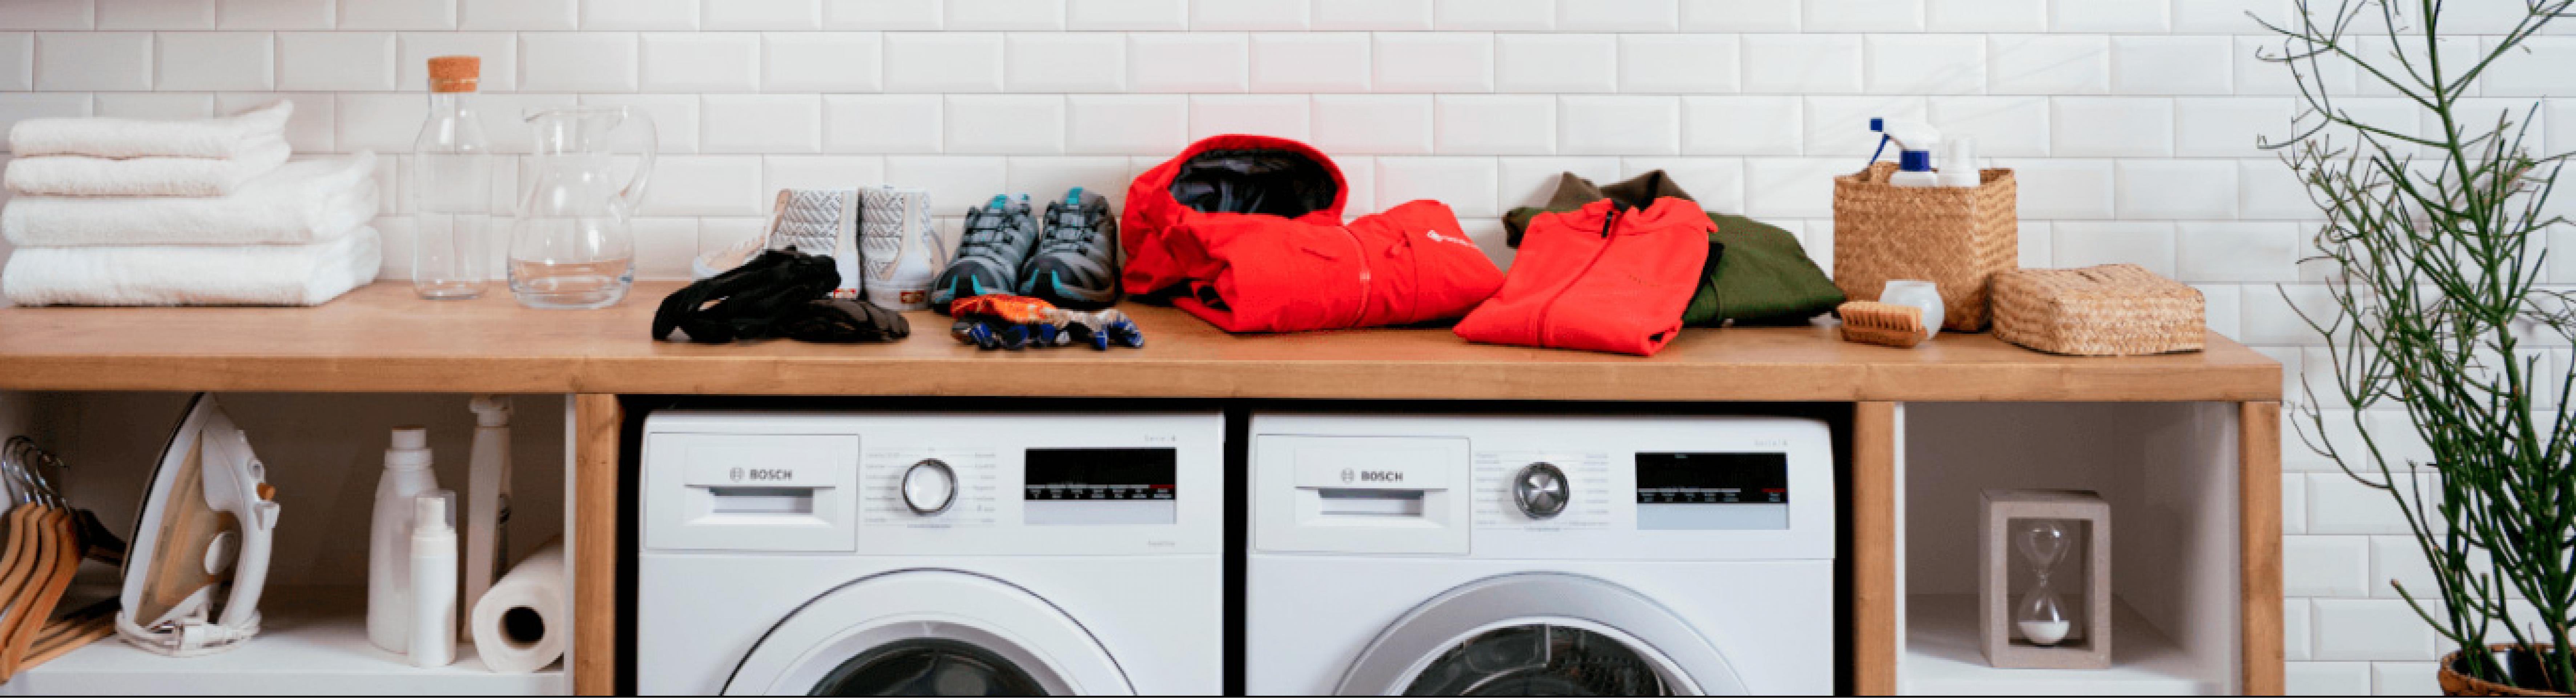 Гель или порошок: чем стирать белье и одежду?